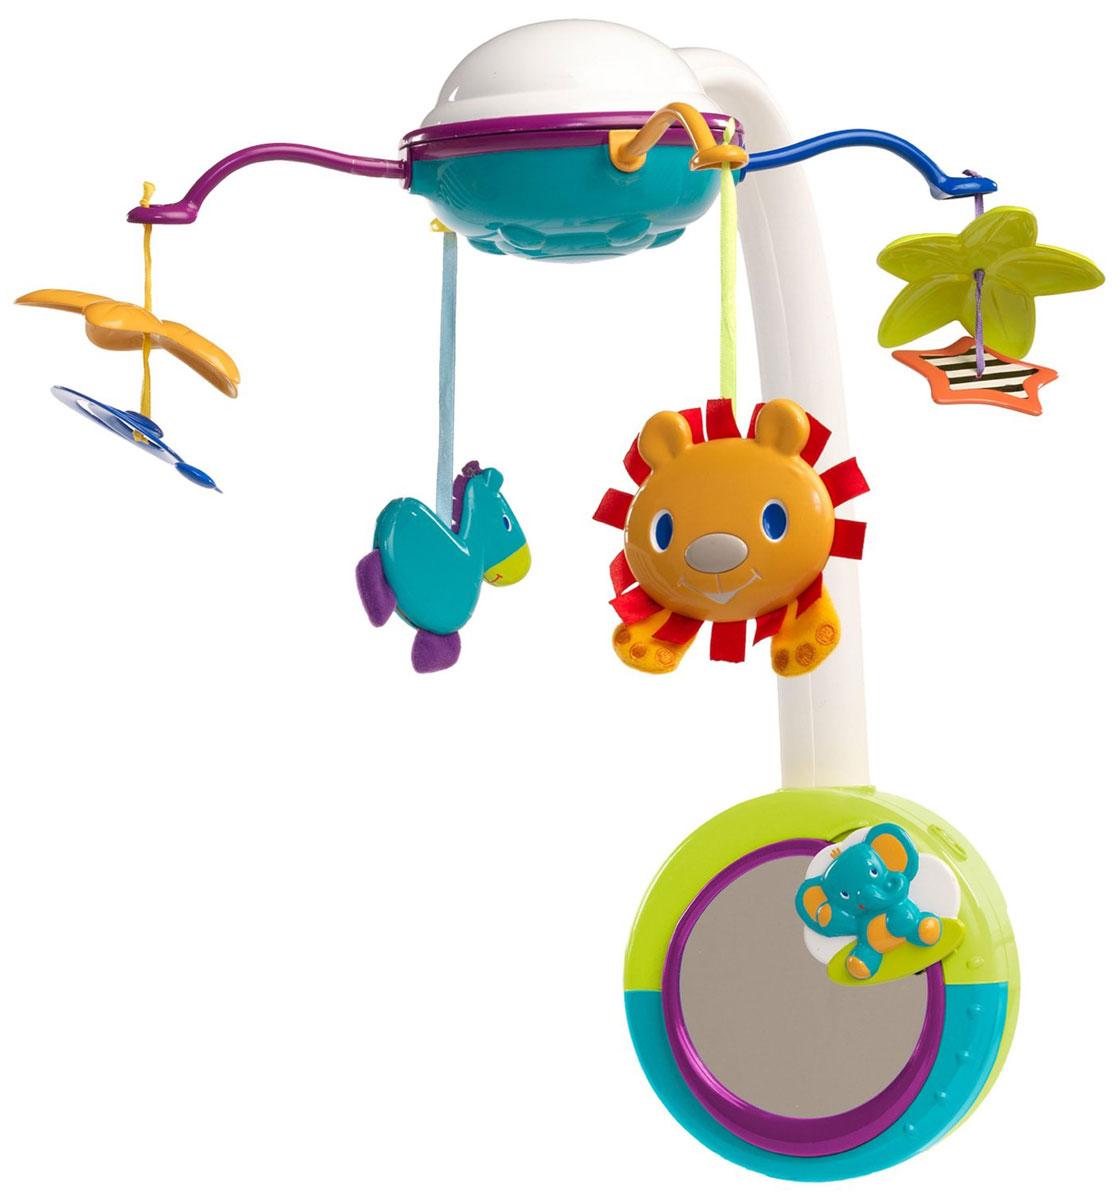 Bright Starts Музыкальный мобиль Сафари 2 в 18352Яркий музыкальный мобиль Сафари - оригинальная музыкальная игрушка, создающая атмосферу уюта и спокойствия в детской комнате. Под приятные мелодии на мобиле медленно вращаются разноцветные пластиковые игрушки: лев, зебра, спираль и звезда. К стойке мобиля крепится съемный музыкальный блок, в центре которого расположено зеркало. Когда малыш подрастет, музыкальный блок можно будет закрепить на бортике кроватки, и ребенок сможет смотреться в зеркало и слушать мелодии самостоятельно. Мобиль воспроизводит 5 различных мелодий. Подвесные игрушки привлекут внимание малыша и помогут развитию зрения и цветового восприятия, а мелодичные звуки разовьют звуковое восприятие. Работает от 3 батареек типа C/LR14 (не входят в комплект).